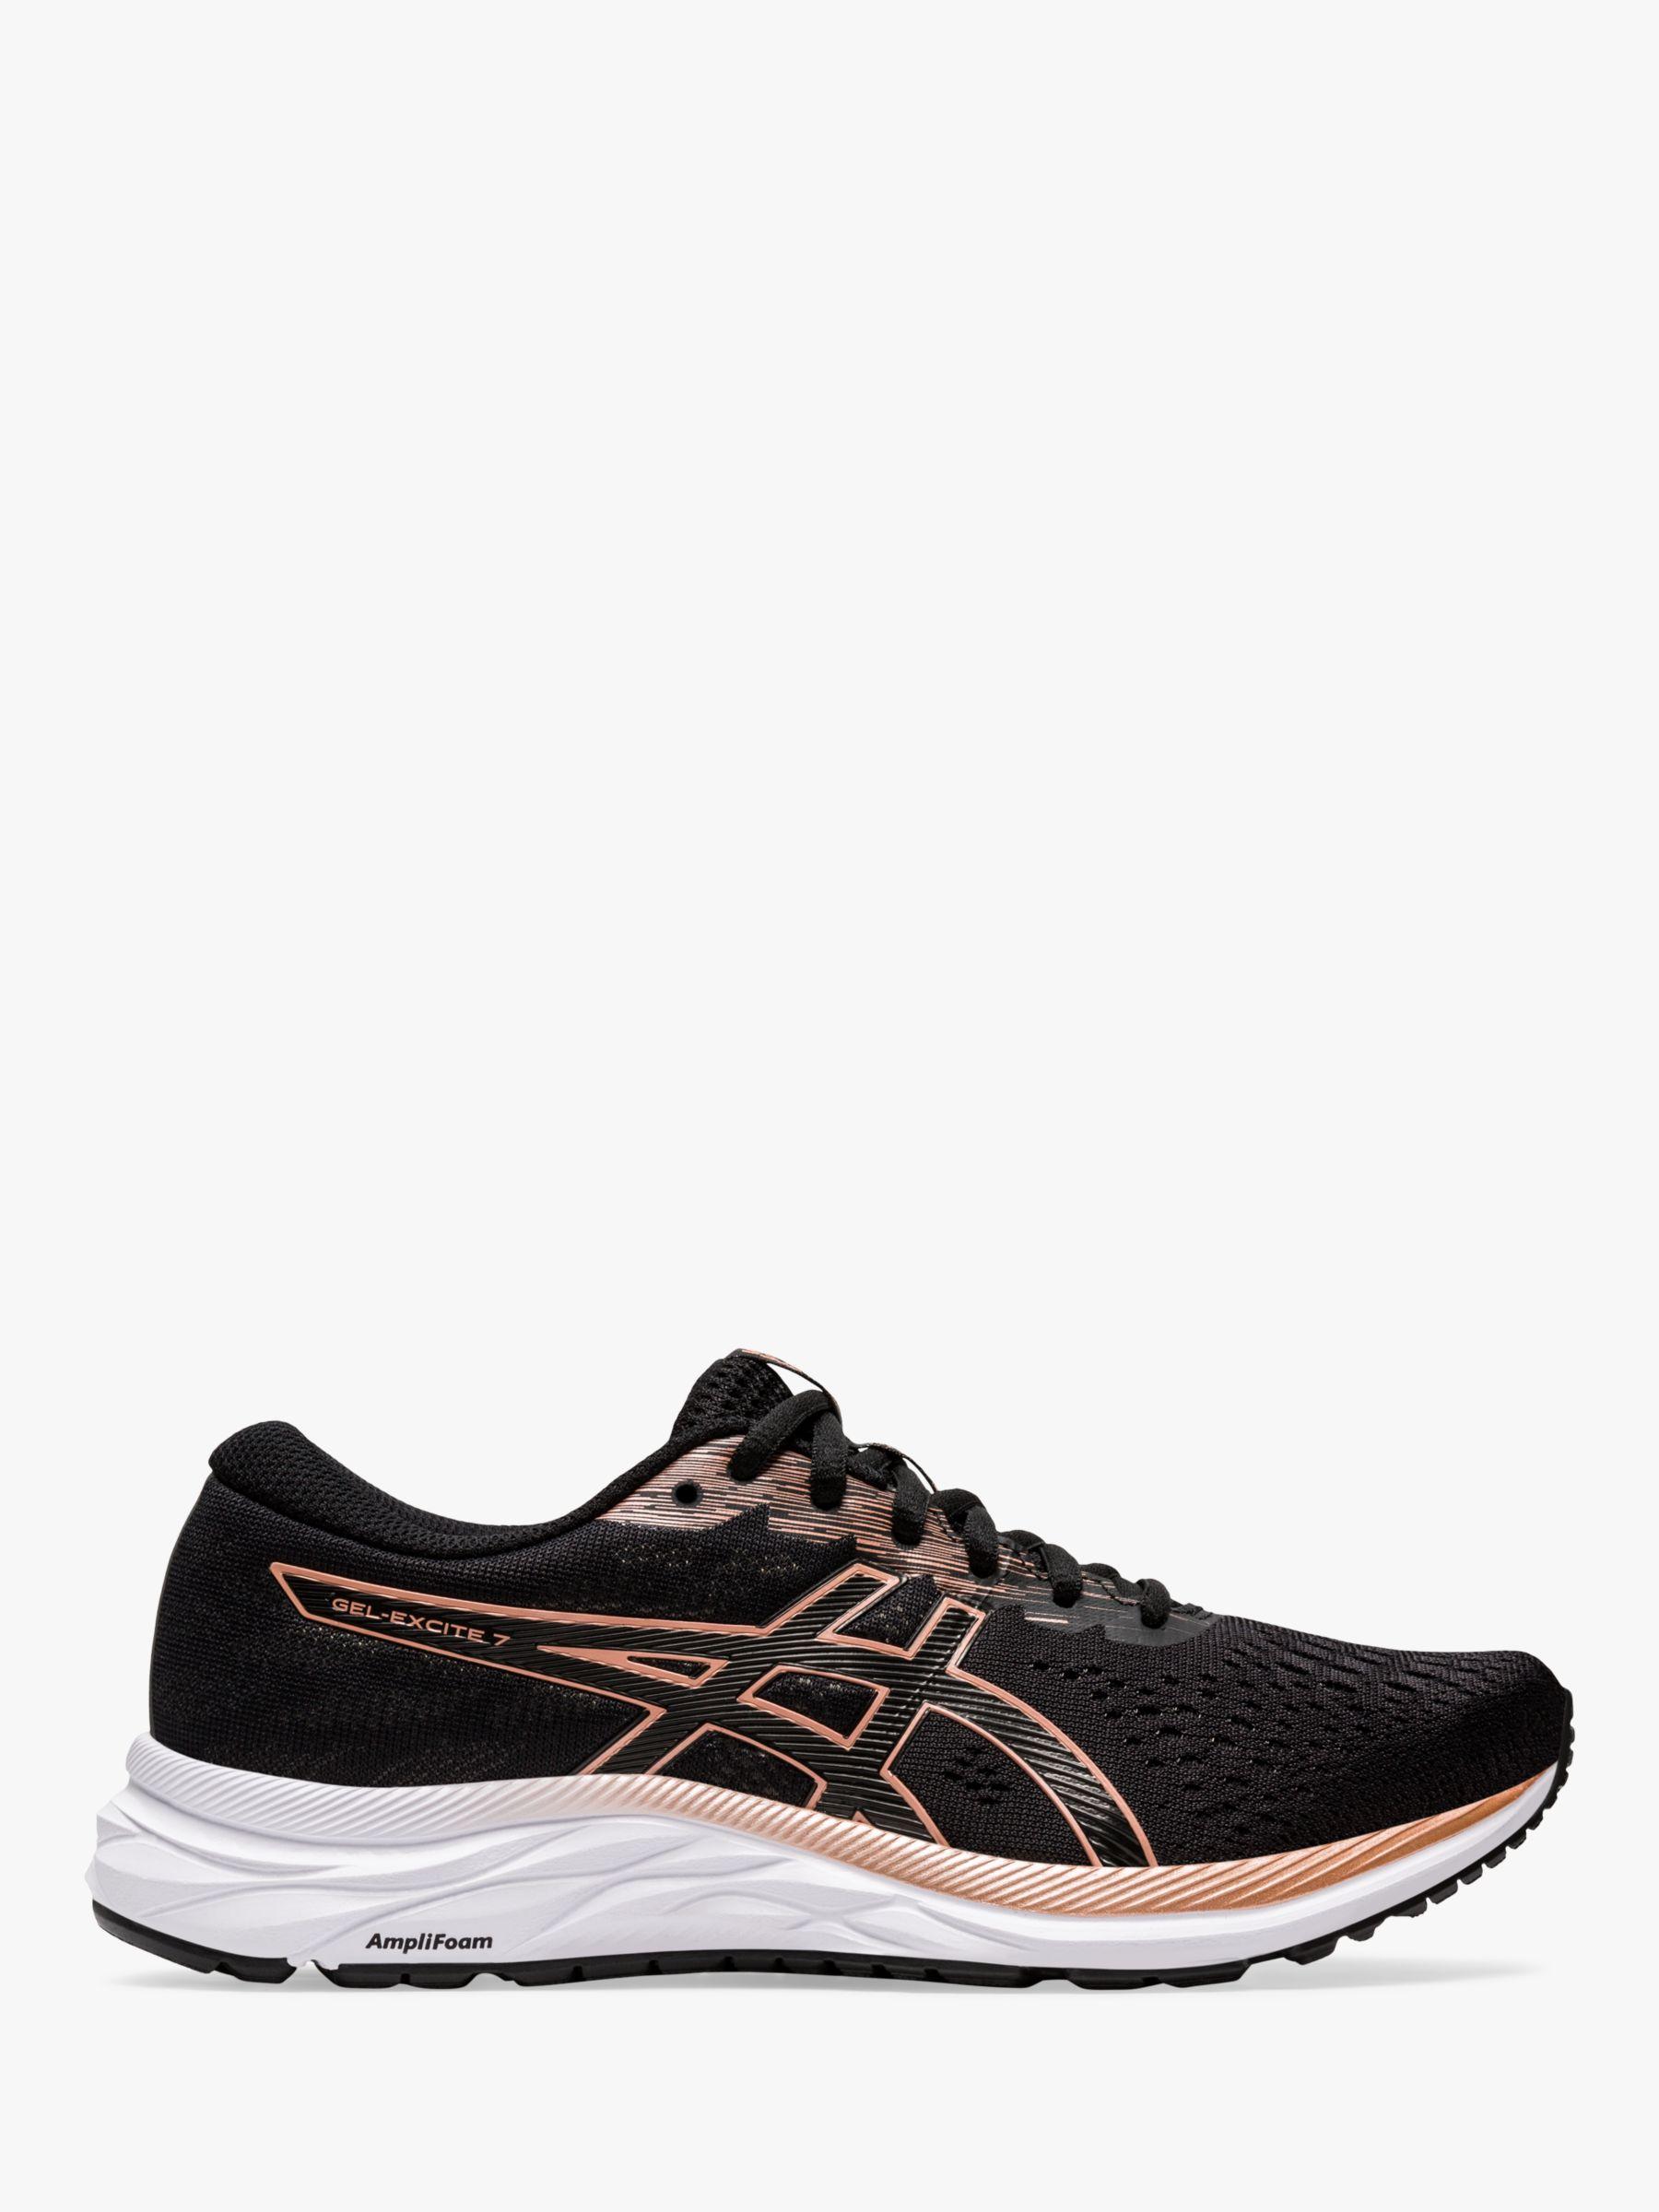 ASICS ASICS GEL-EXCITE 6 Women's Running Shoes